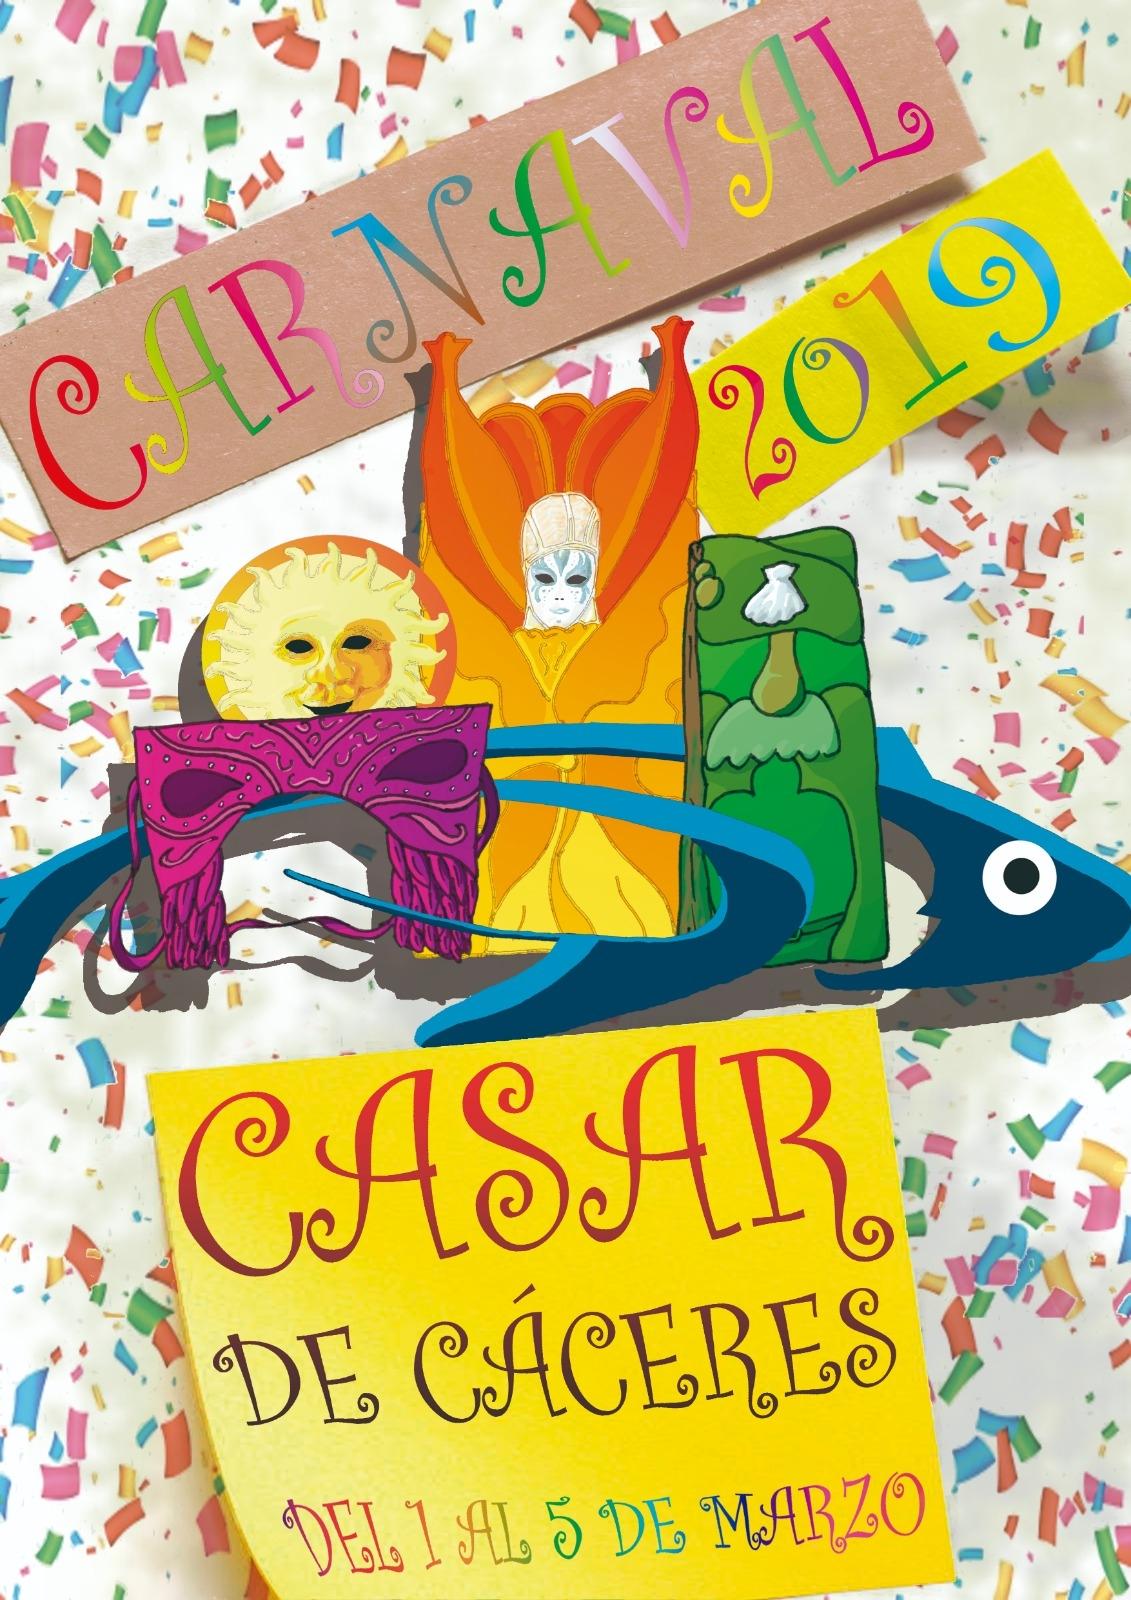 Casar de Cáceres ya tiene cartel anunciador de su Carnaval